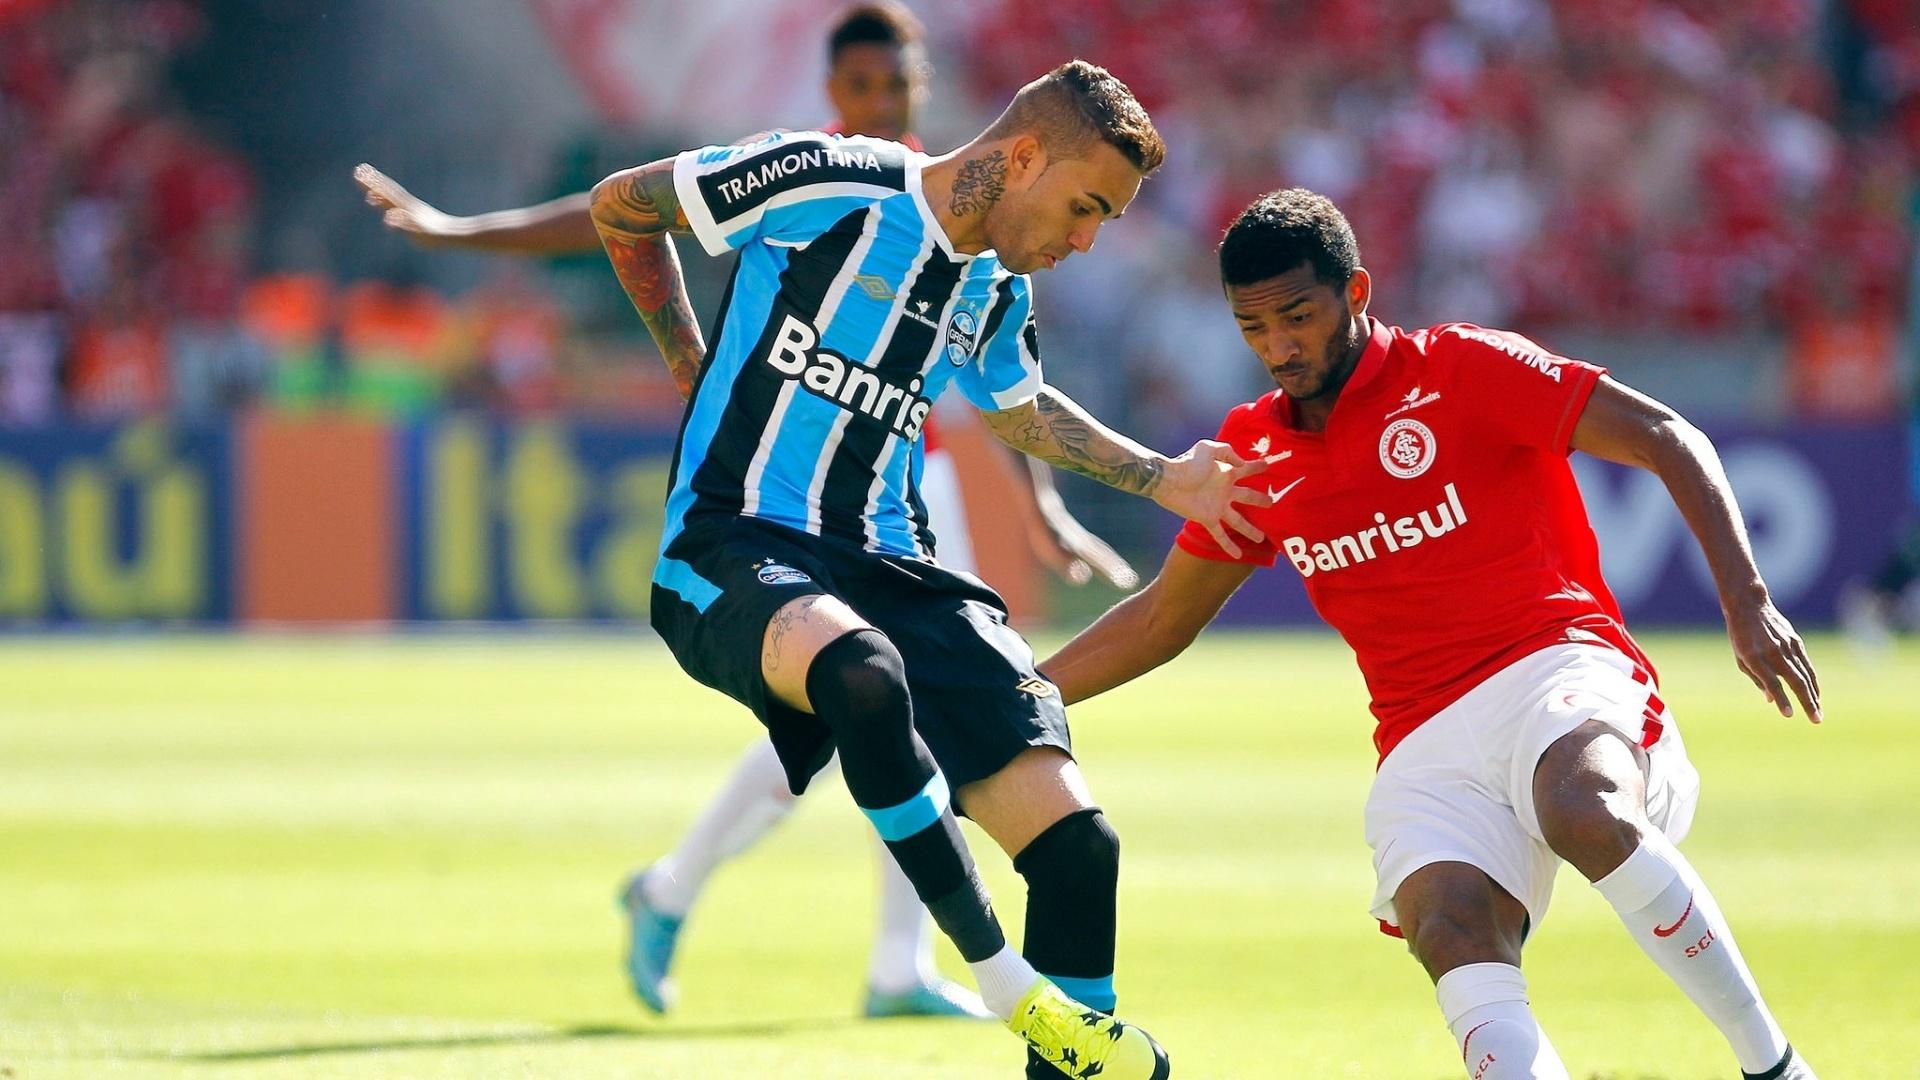 Luan disputa bola para o Grêmio contra o Inter no Brasileirão